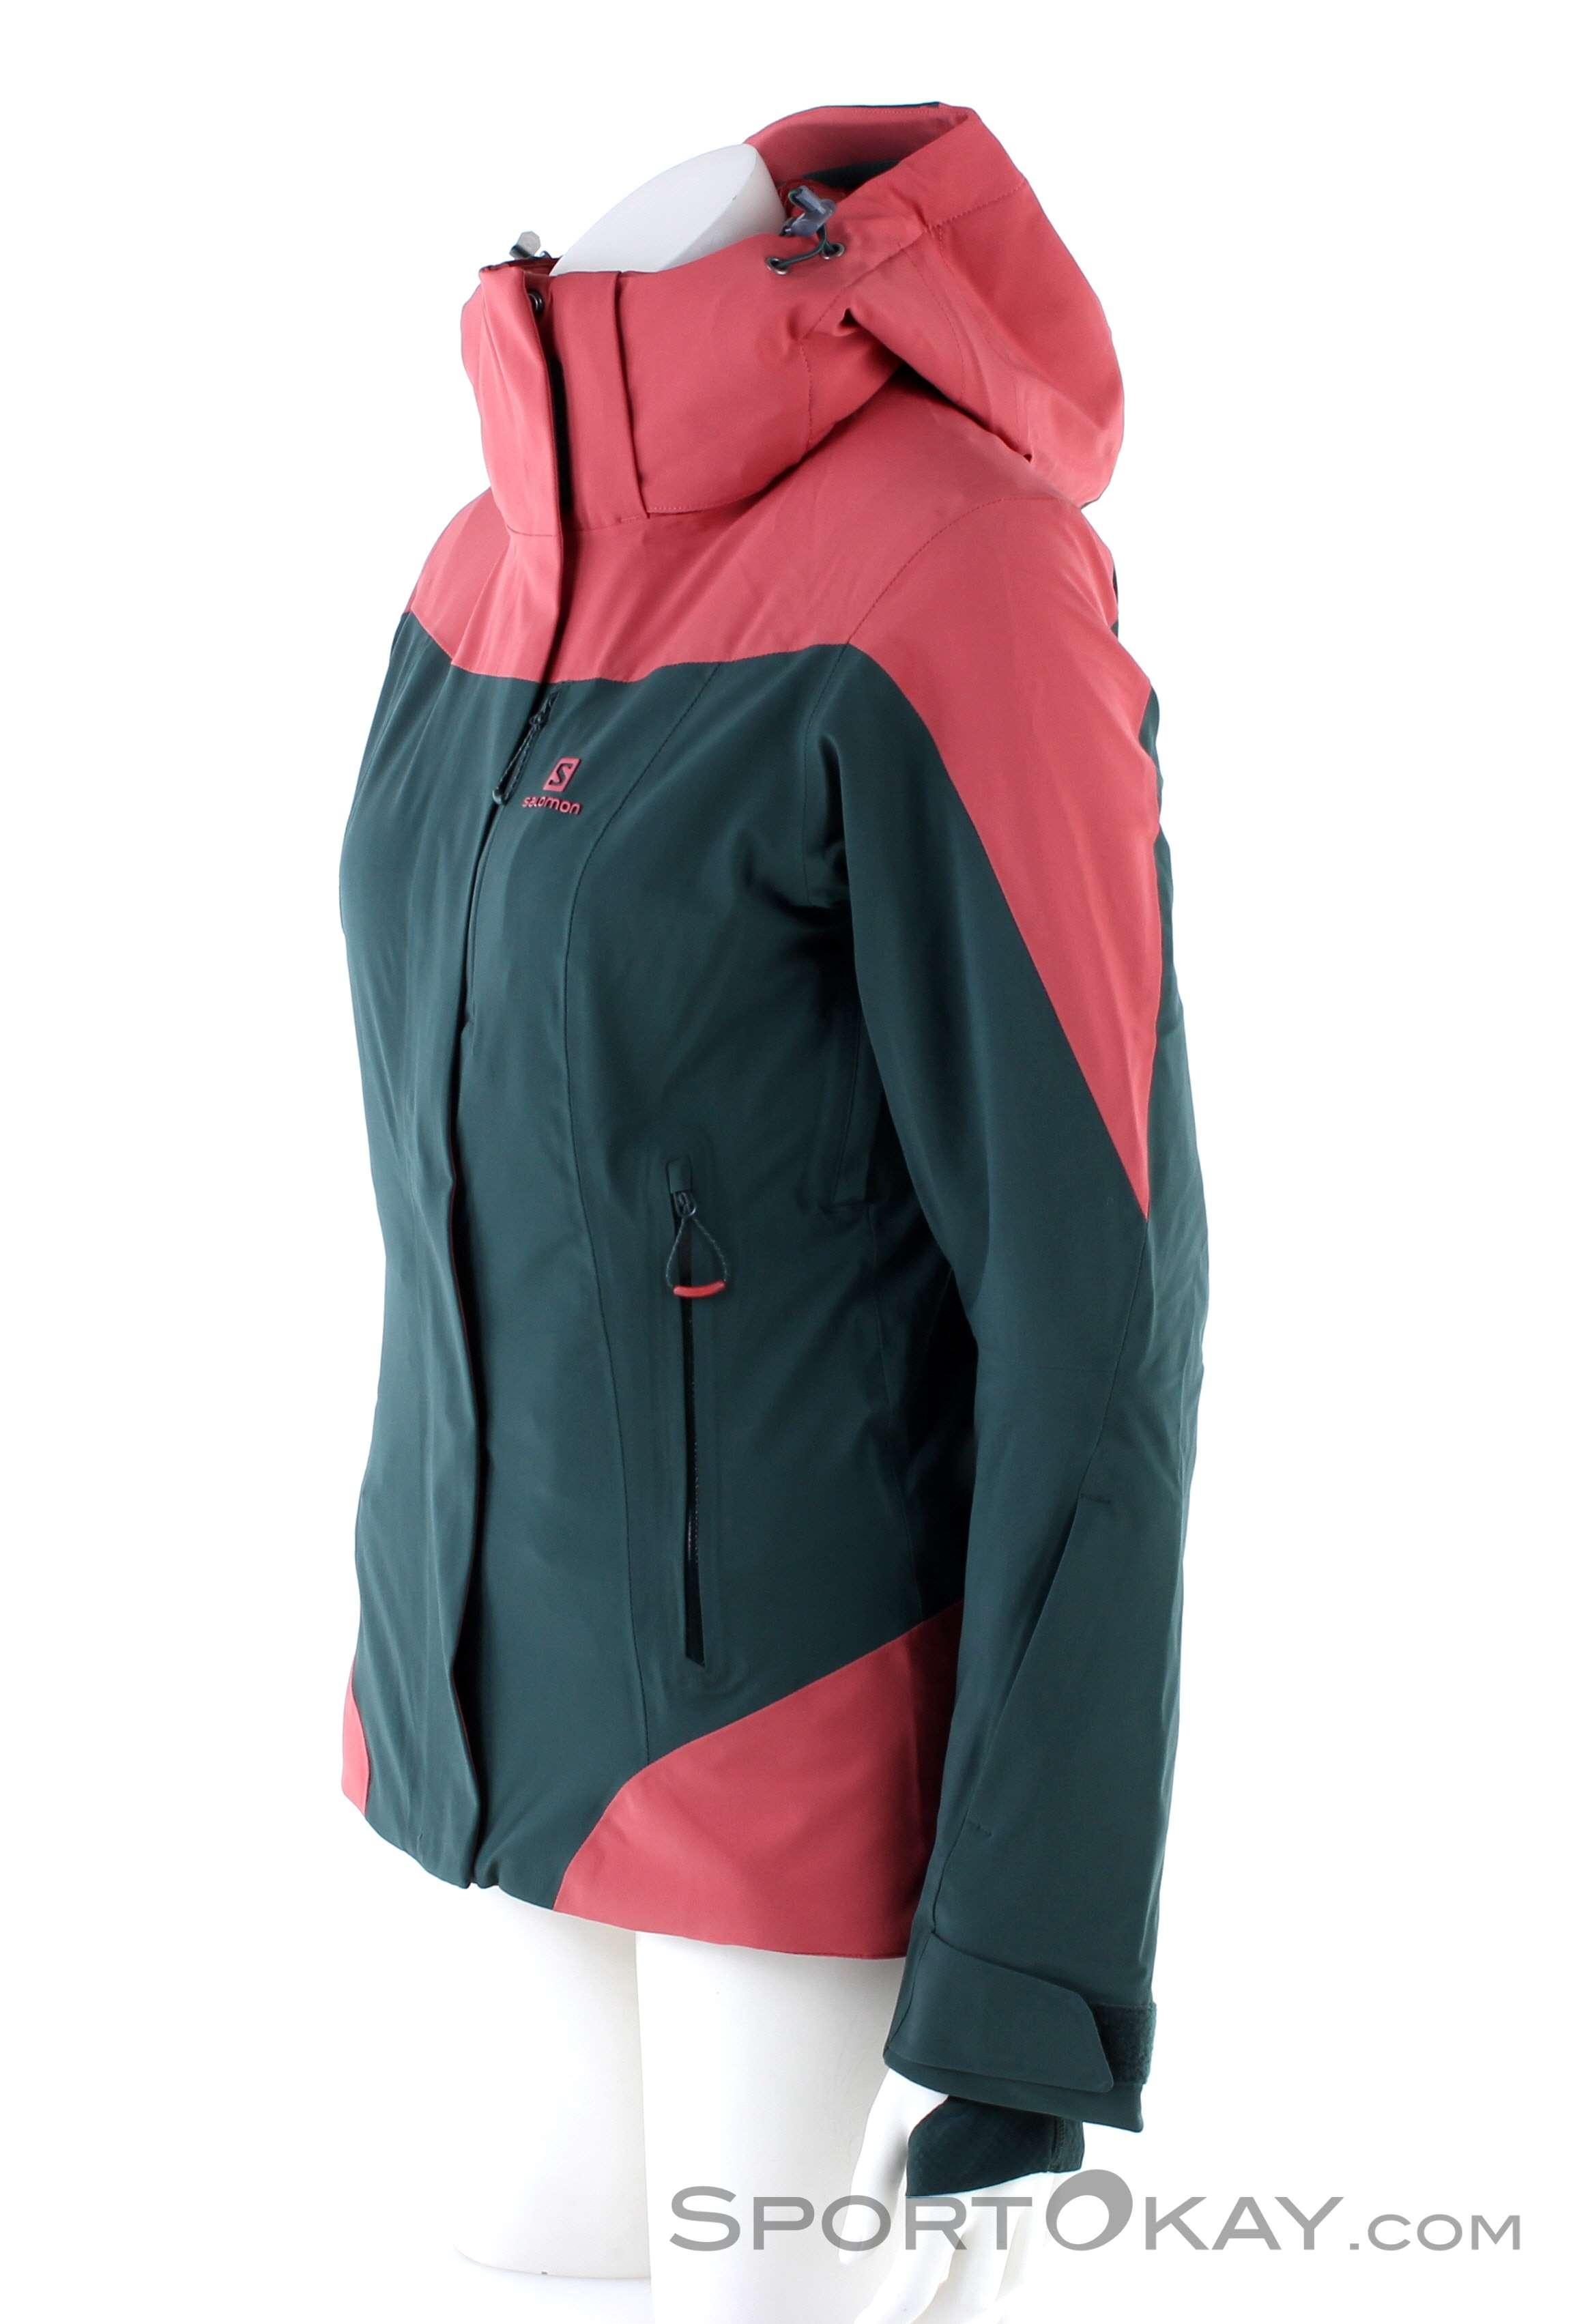 Salomon Icerocket Jacket Womens Ski Jacket Ski Jackets